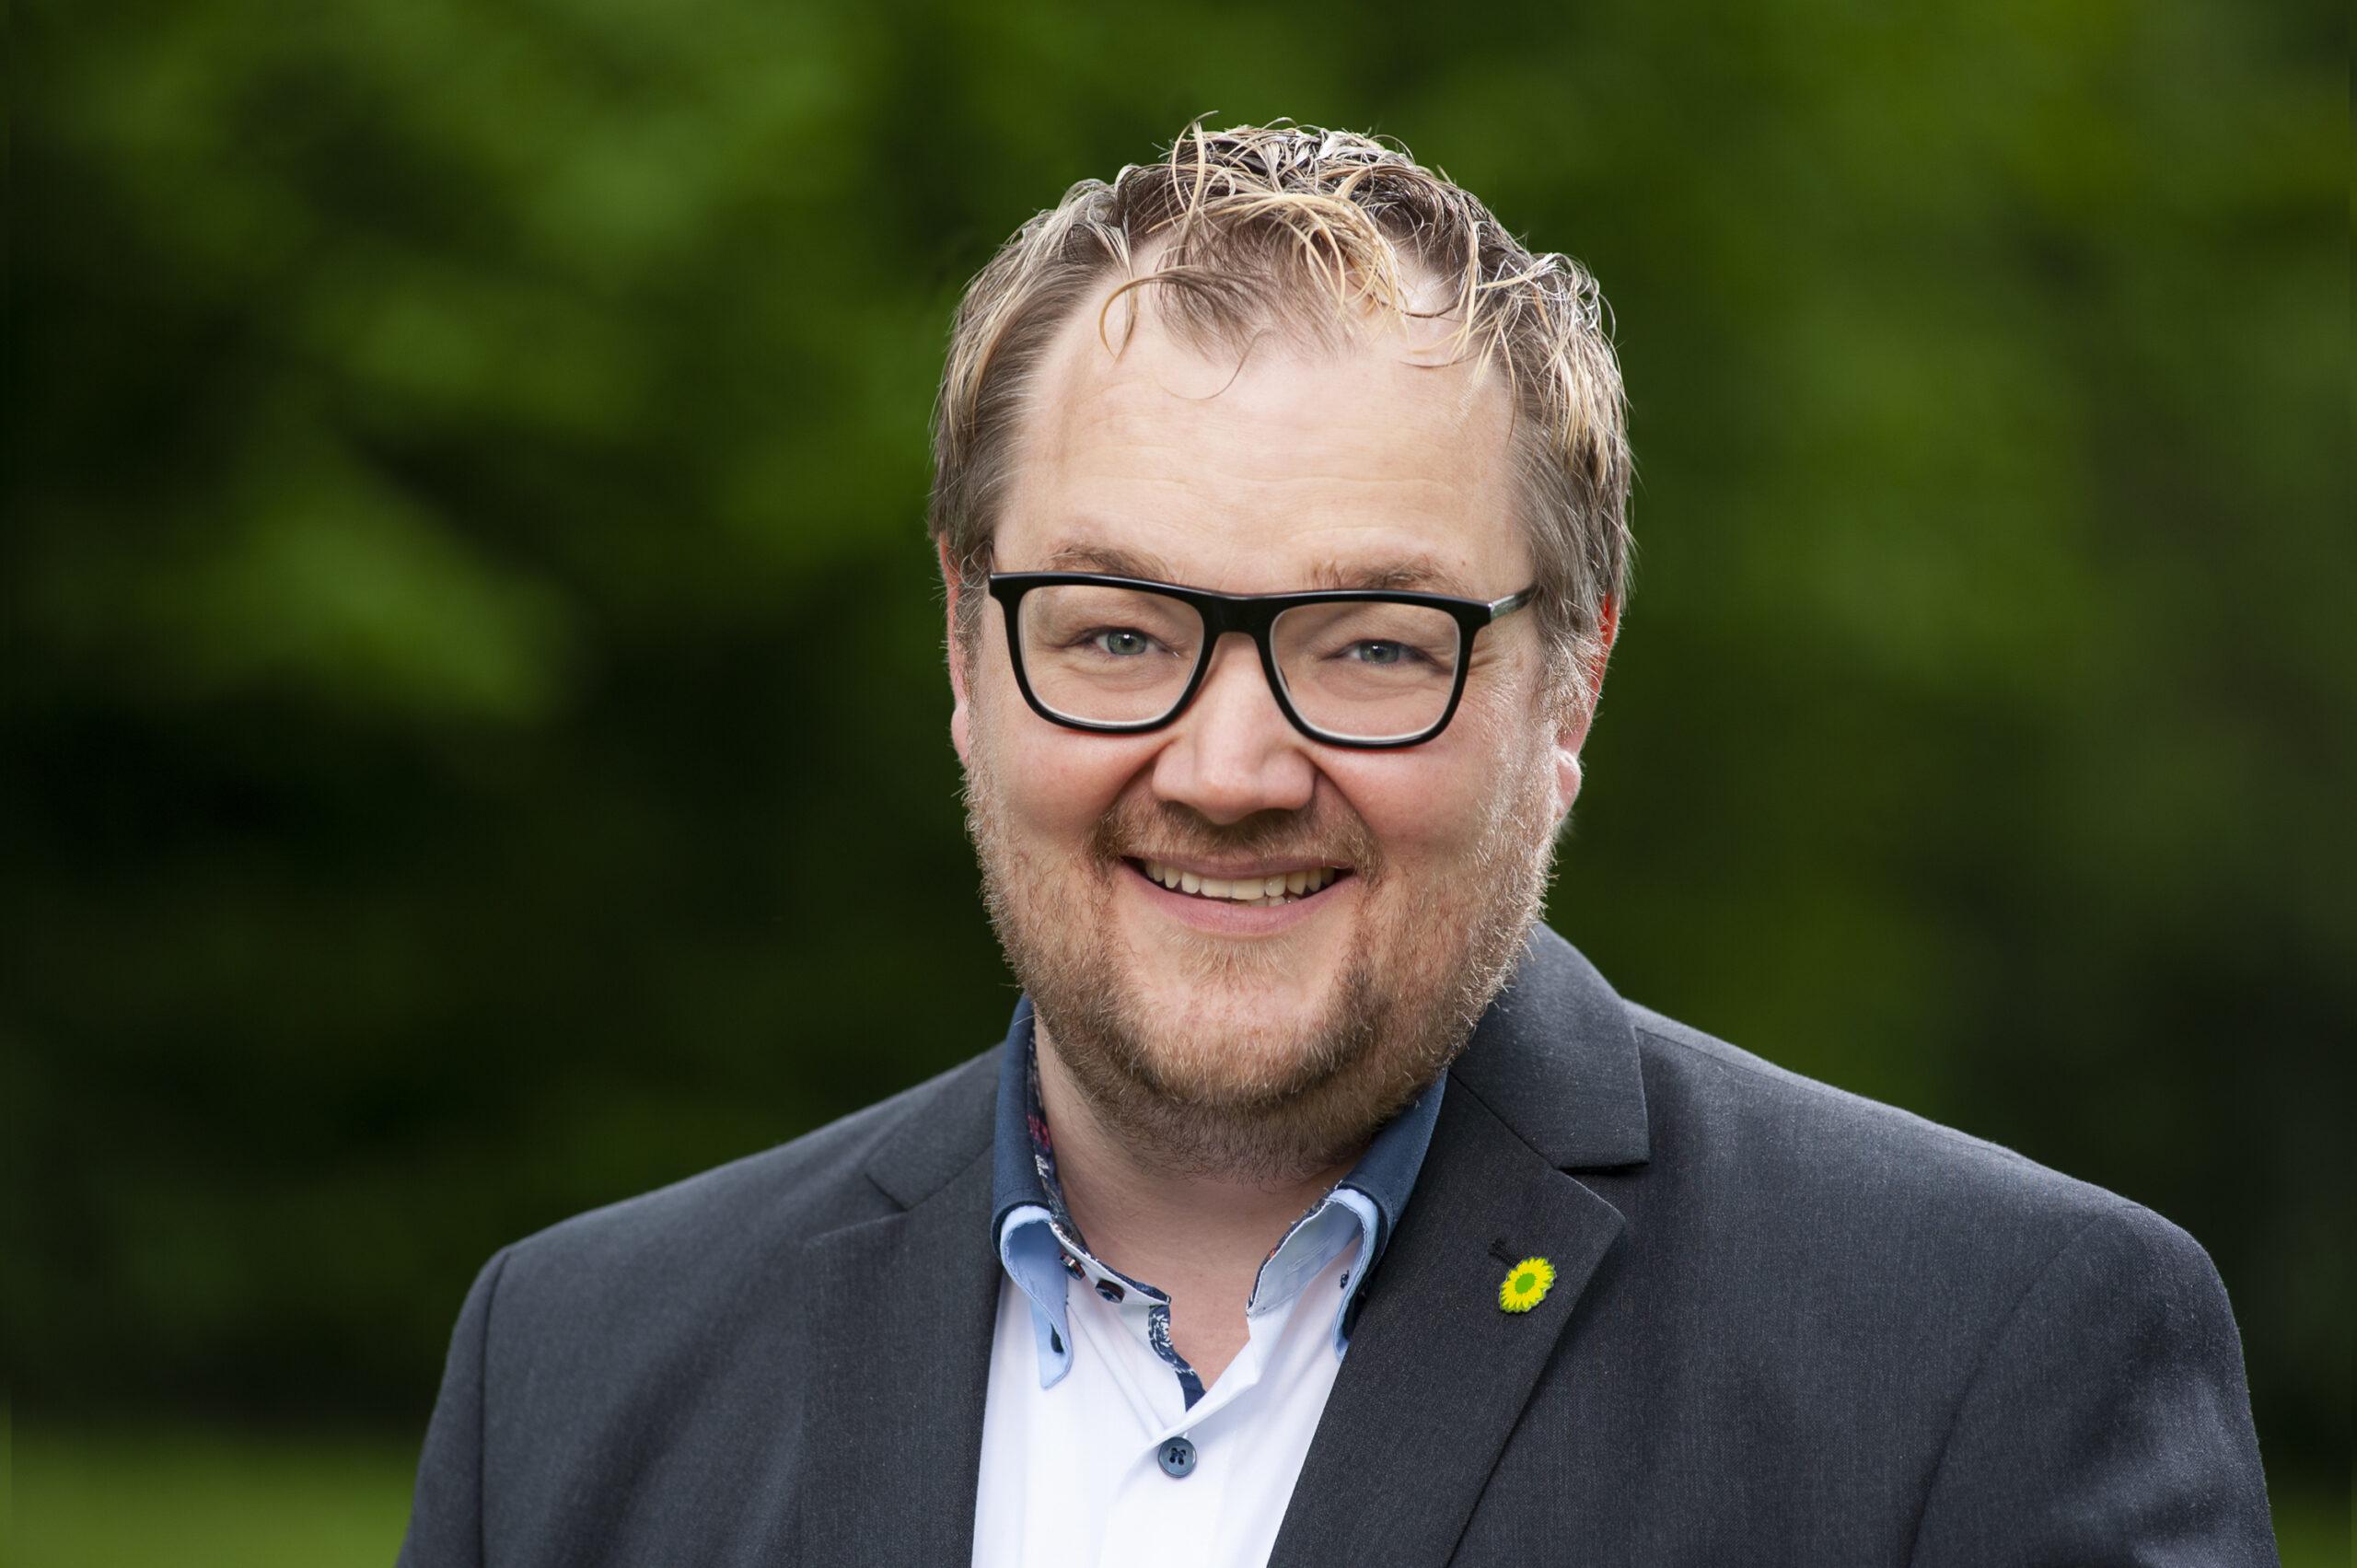 Christof Gebhardt